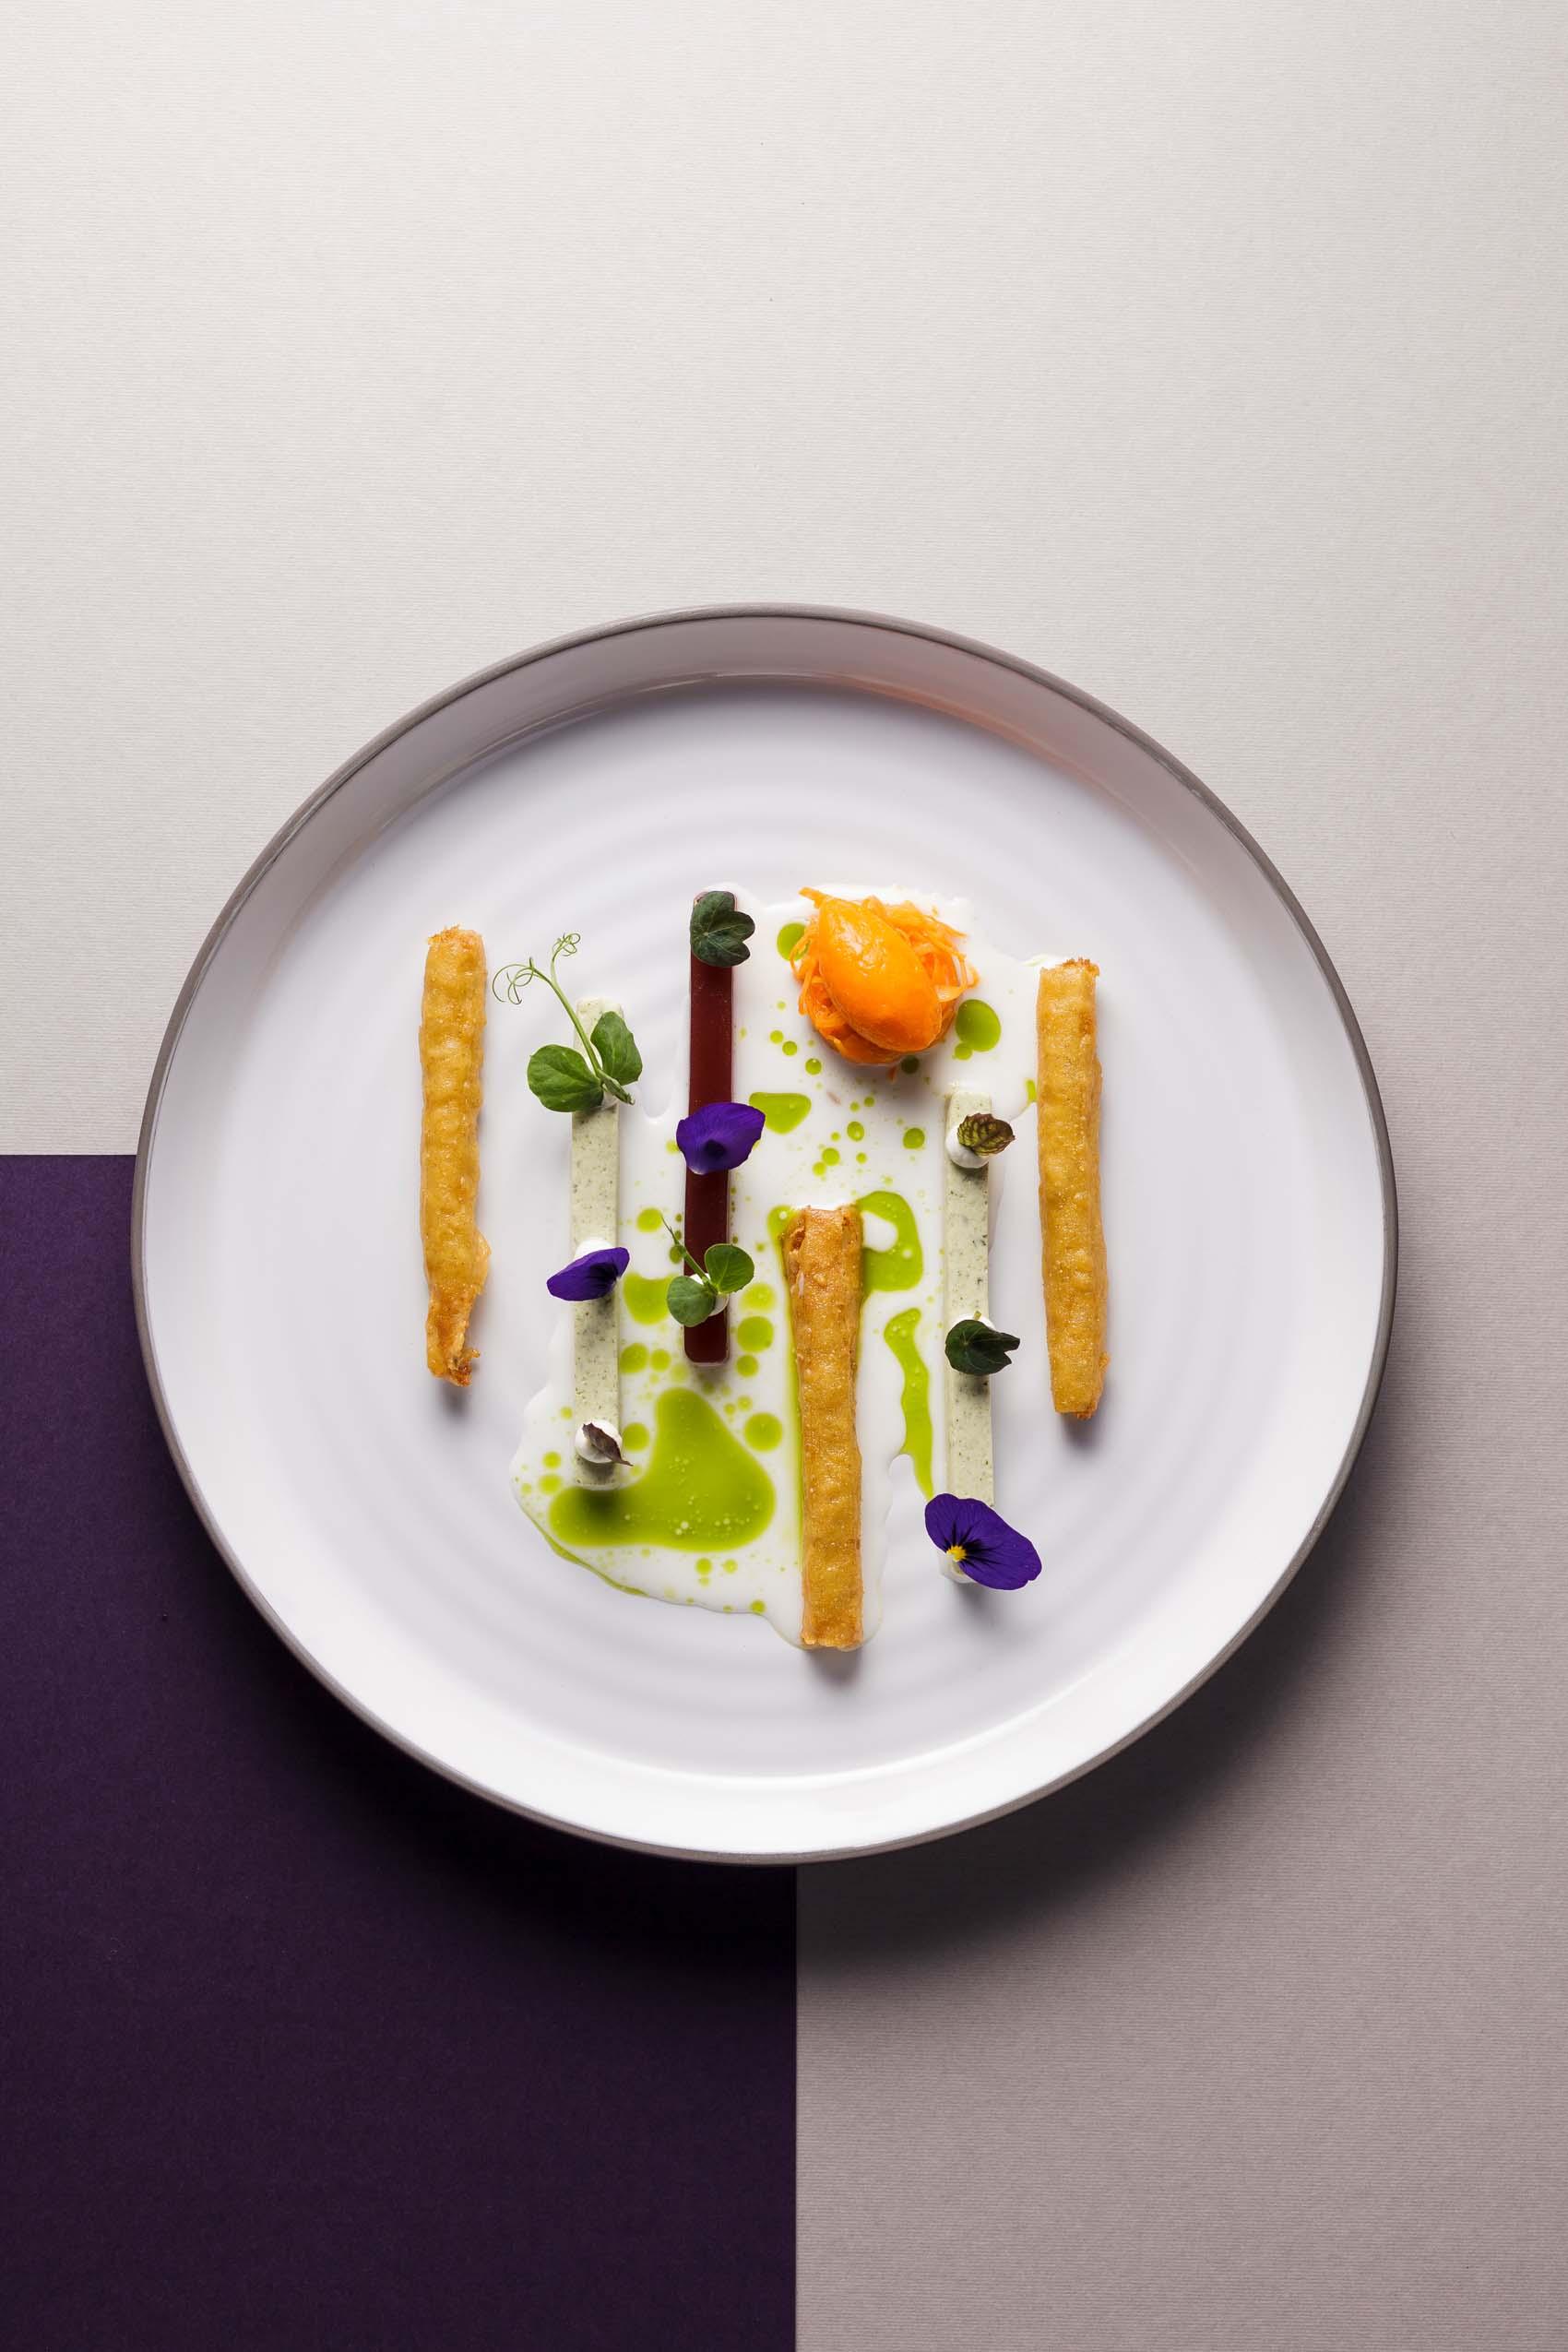 Foodfotografie für das Gourmetrestaurant Aubergine in Starnberg bei München